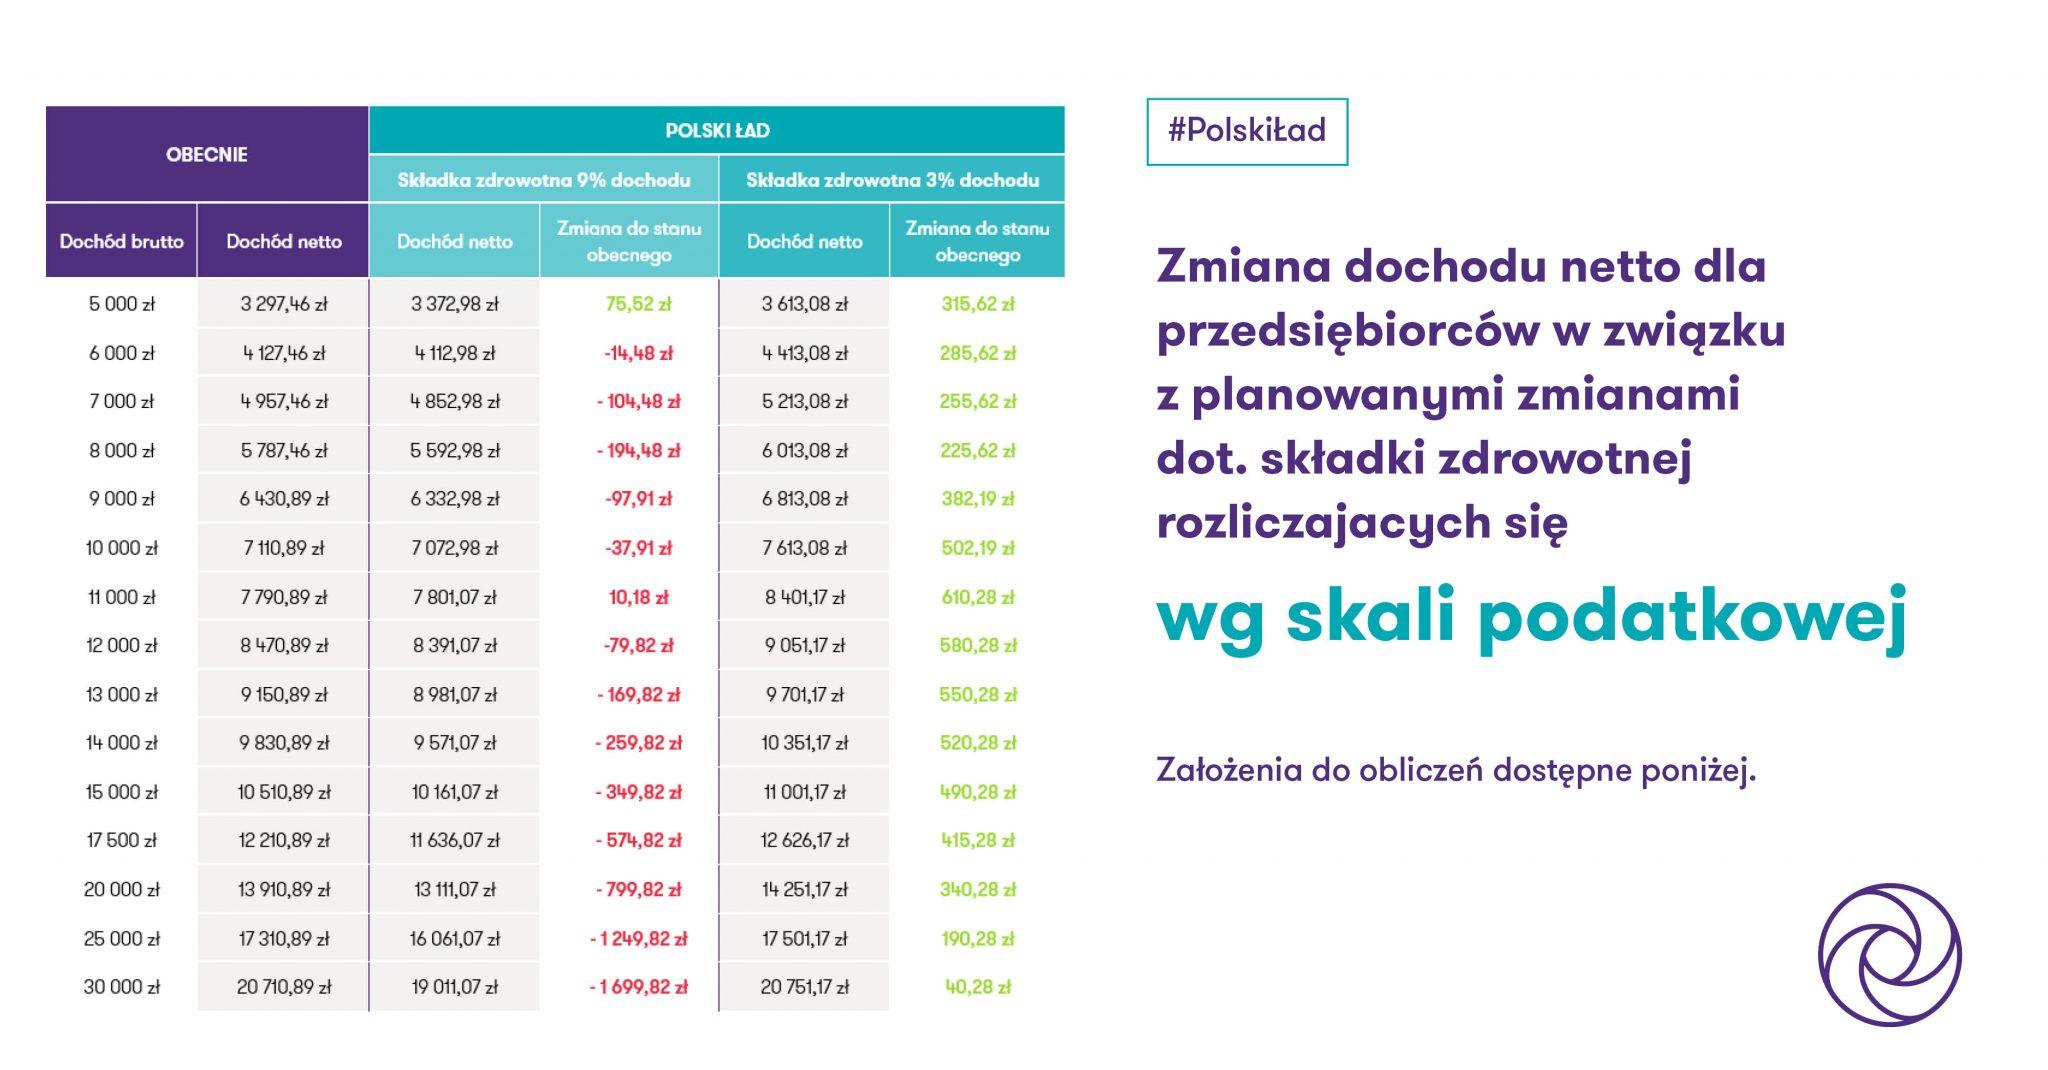 Polski Ład - analiza